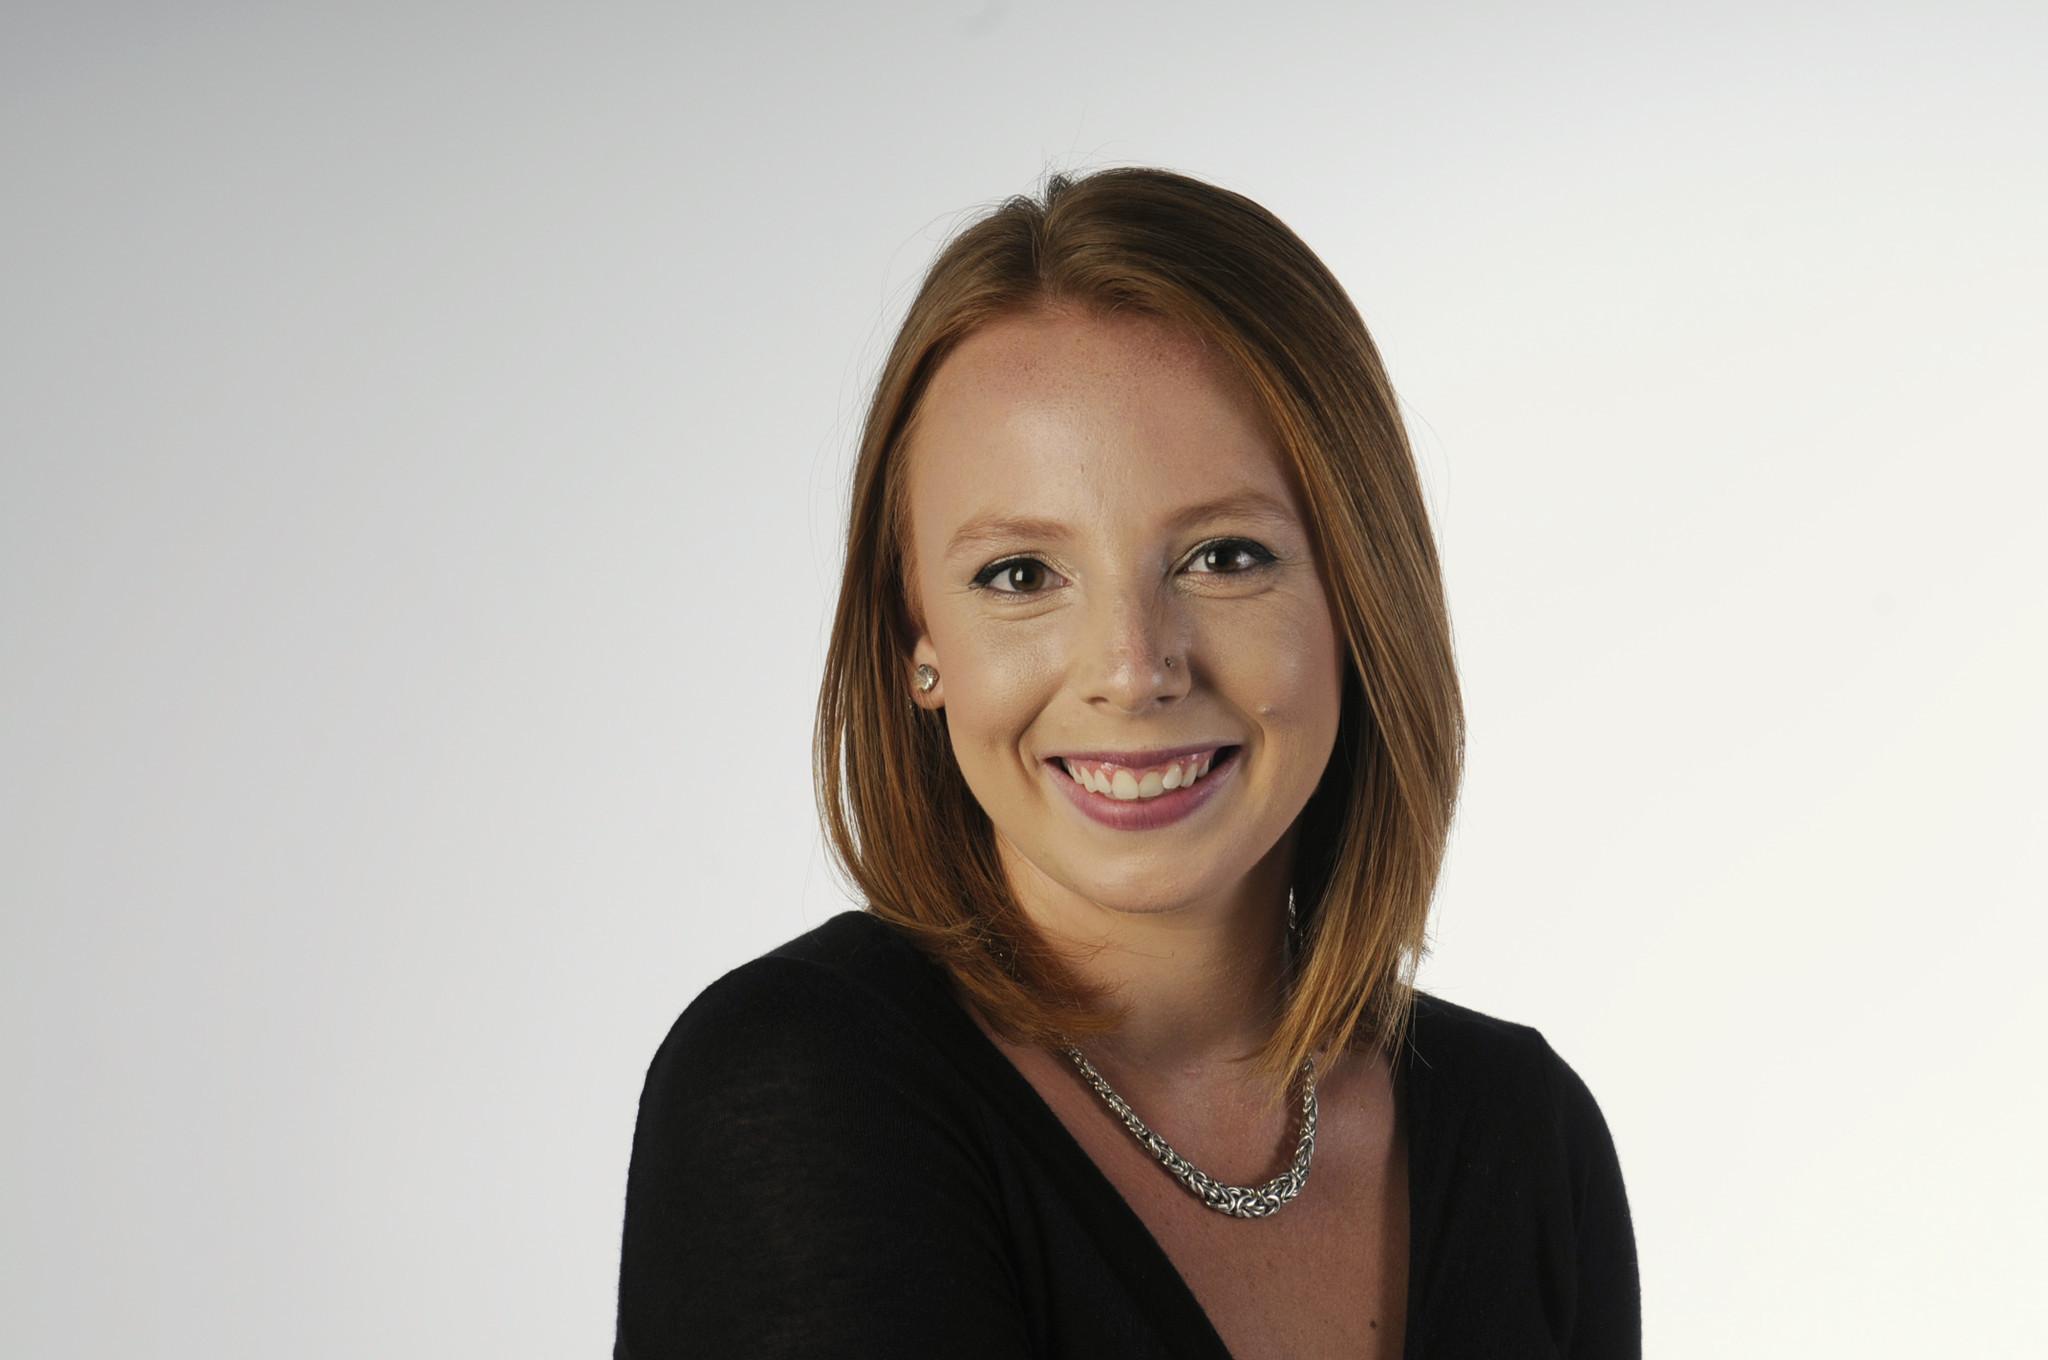 Megan Merrigan